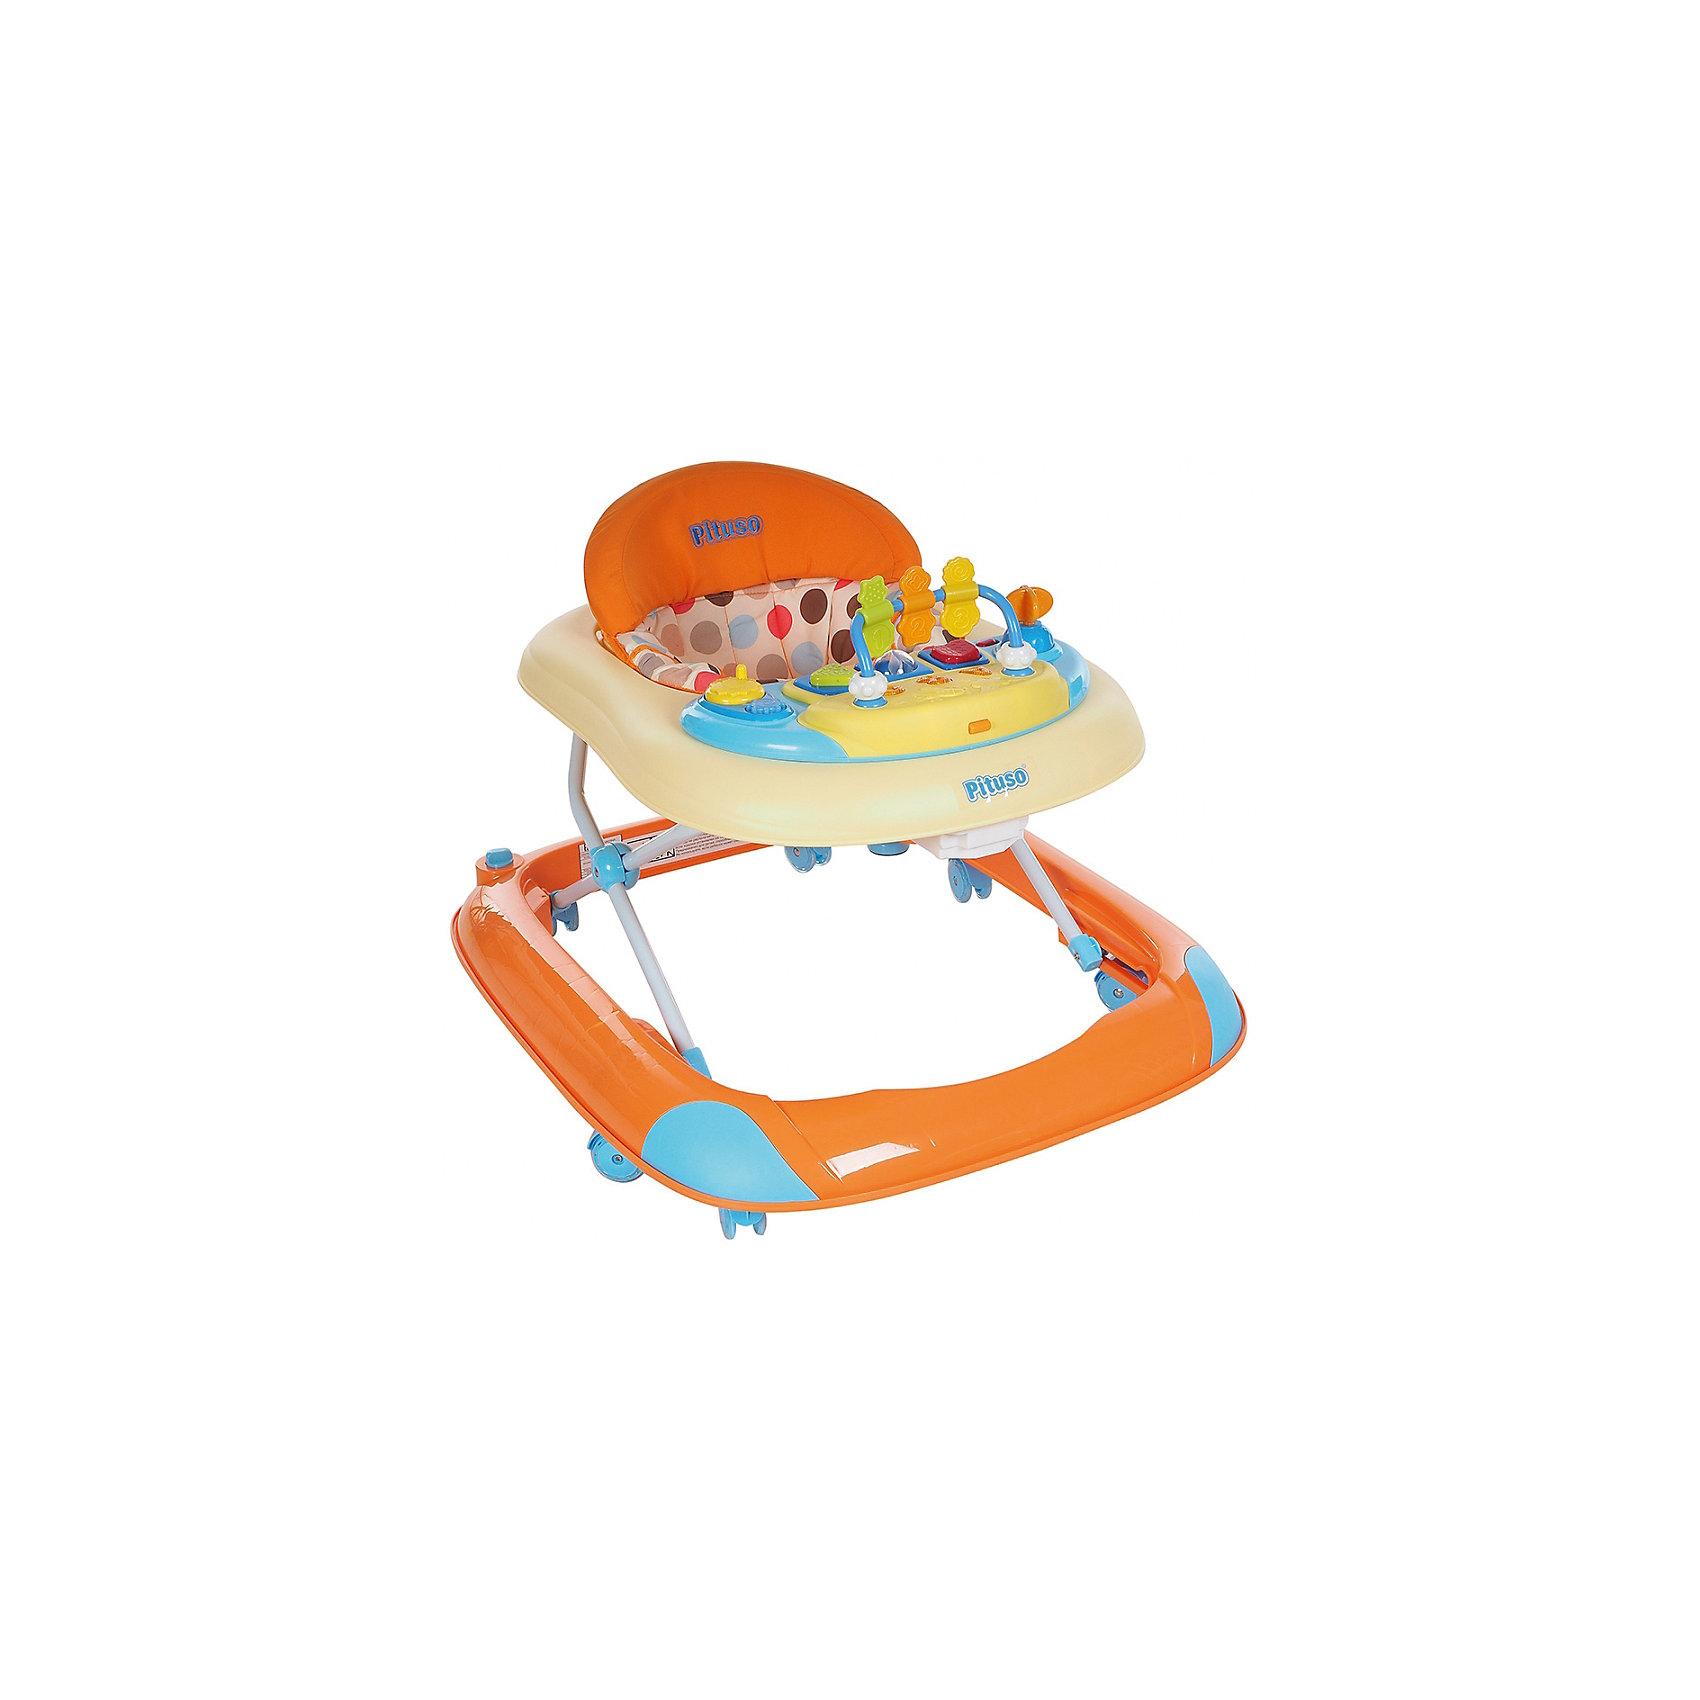 Ходунки ABC, Pituso, оранжевыйХодунки<br>Характеристики ходунков Pituso:<br><br>• высота ходунков регулируется в 3-х положениях;<br>• музыкальное сопровождение;<br>• световые эффекты;<br>• развивающие игрушки;<br>• устойчивая конструкция ходунков;<br>• мягкое сиденье эргономичной формы, высокая спинка;<br>• 8 колес, материал силикон;<br>• материал ходунков: пластик, чехлы – полиэстер.<br><br>Размер ходунков в сложенном виде: 62,5х11,5х72 см<br>Вес: 4,4 кг<br>Максимальная нагрузка: 13 кг<br><br>Ходунки ABC, Pituso, оранжевые можно купить в нашем интернет-магазине.<br><br>Ширина мм: 645<br>Глубина мм: 110<br>Высота мм: 790<br>Вес г: 4800<br>Возраст от месяцев: 6<br>Возраст до месяцев: 12<br>Пол: Унисекс<br>Возраст: Детский<br>SKU: 5559198